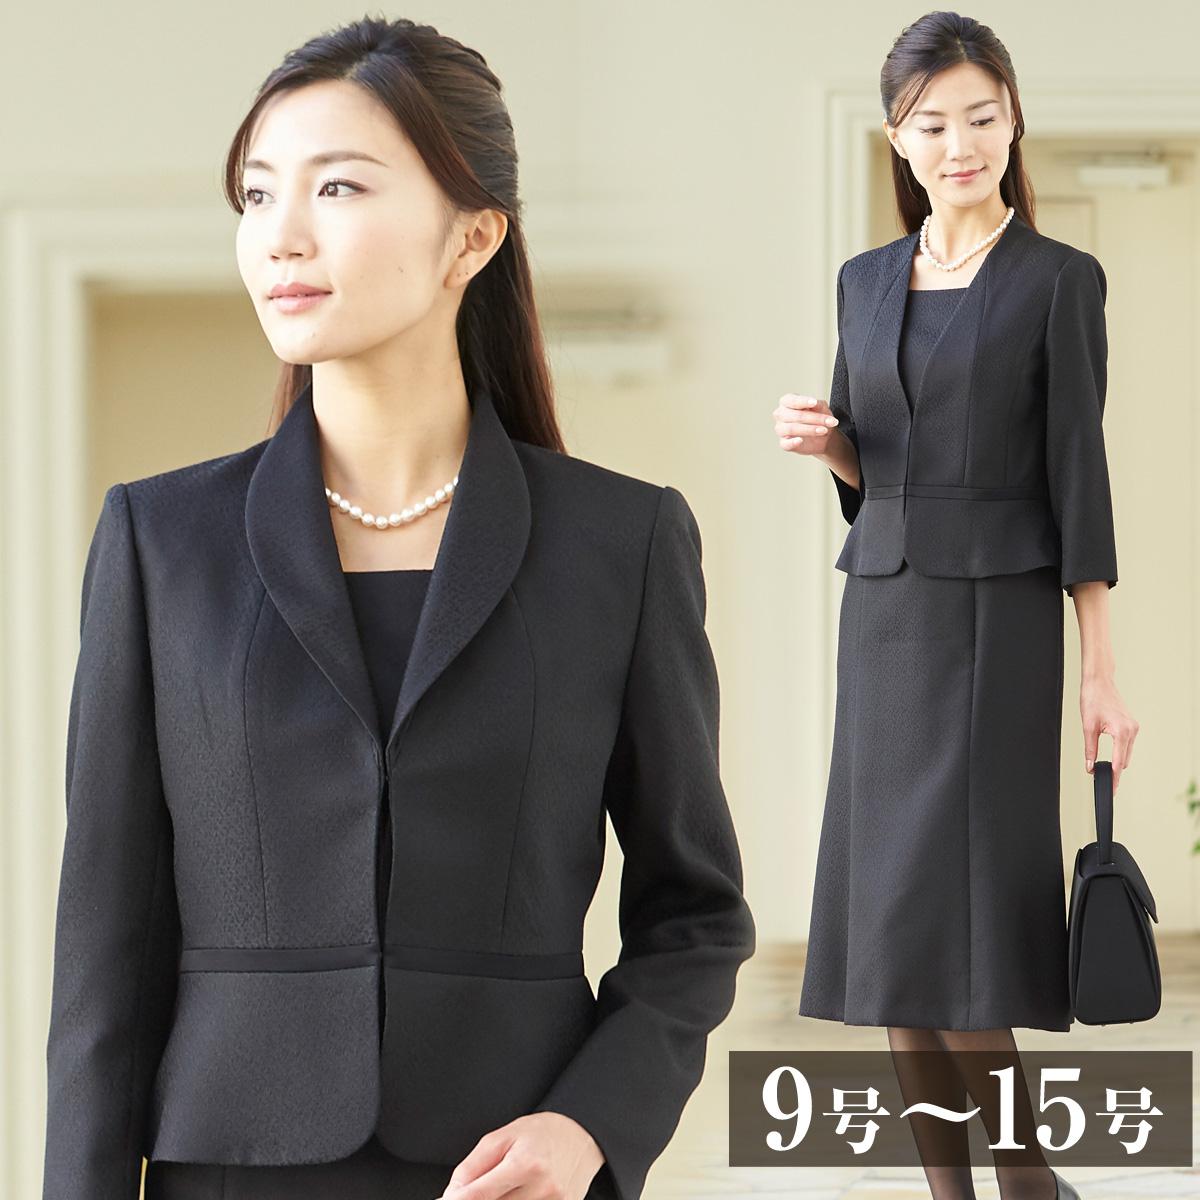 65ecb18bdbb1f4 9号 ミセス レディース サマー ブラックフォーマル スカートスーツ 13号 米沢織 シニア 日本製 ...